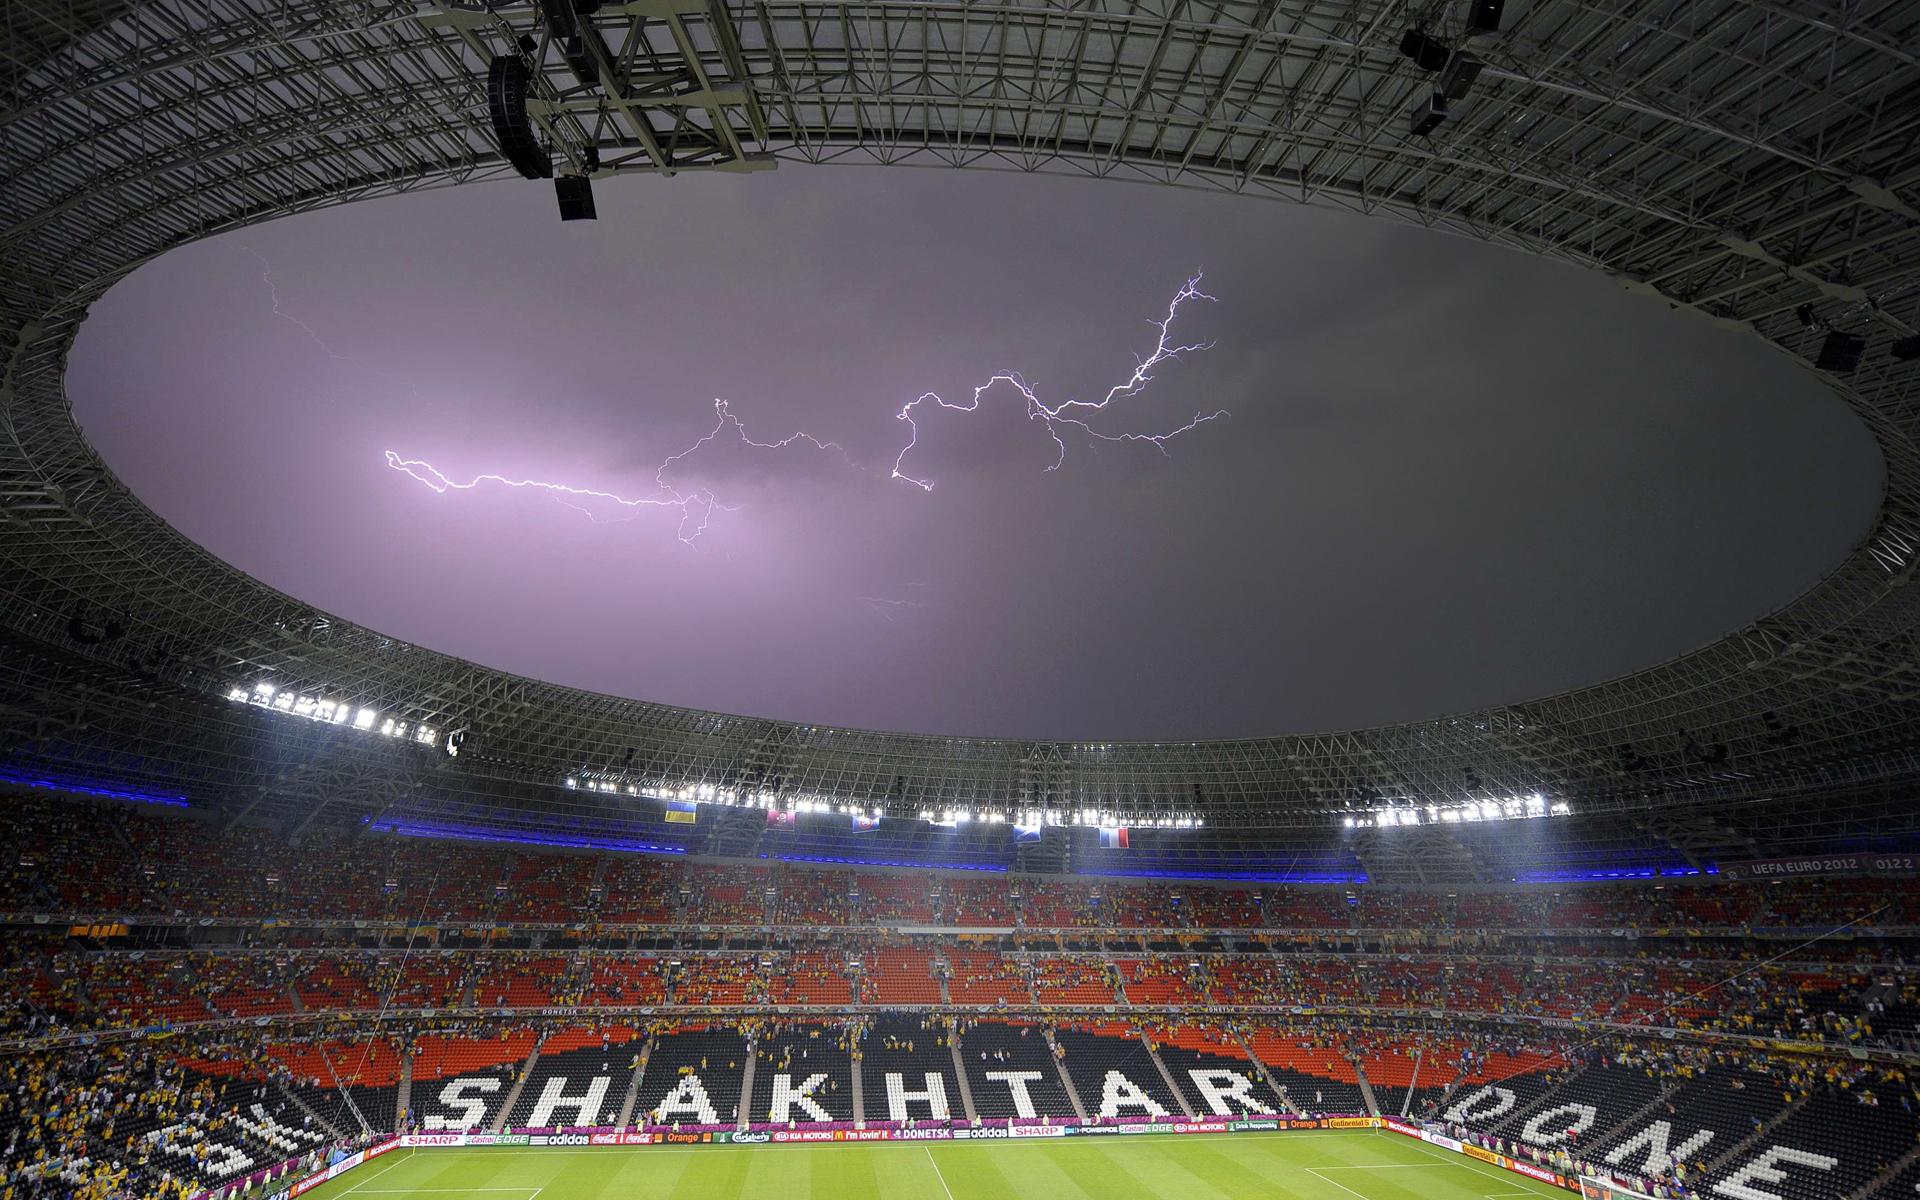 Украина-Франция ЧМ 2012 Донбасс Арена